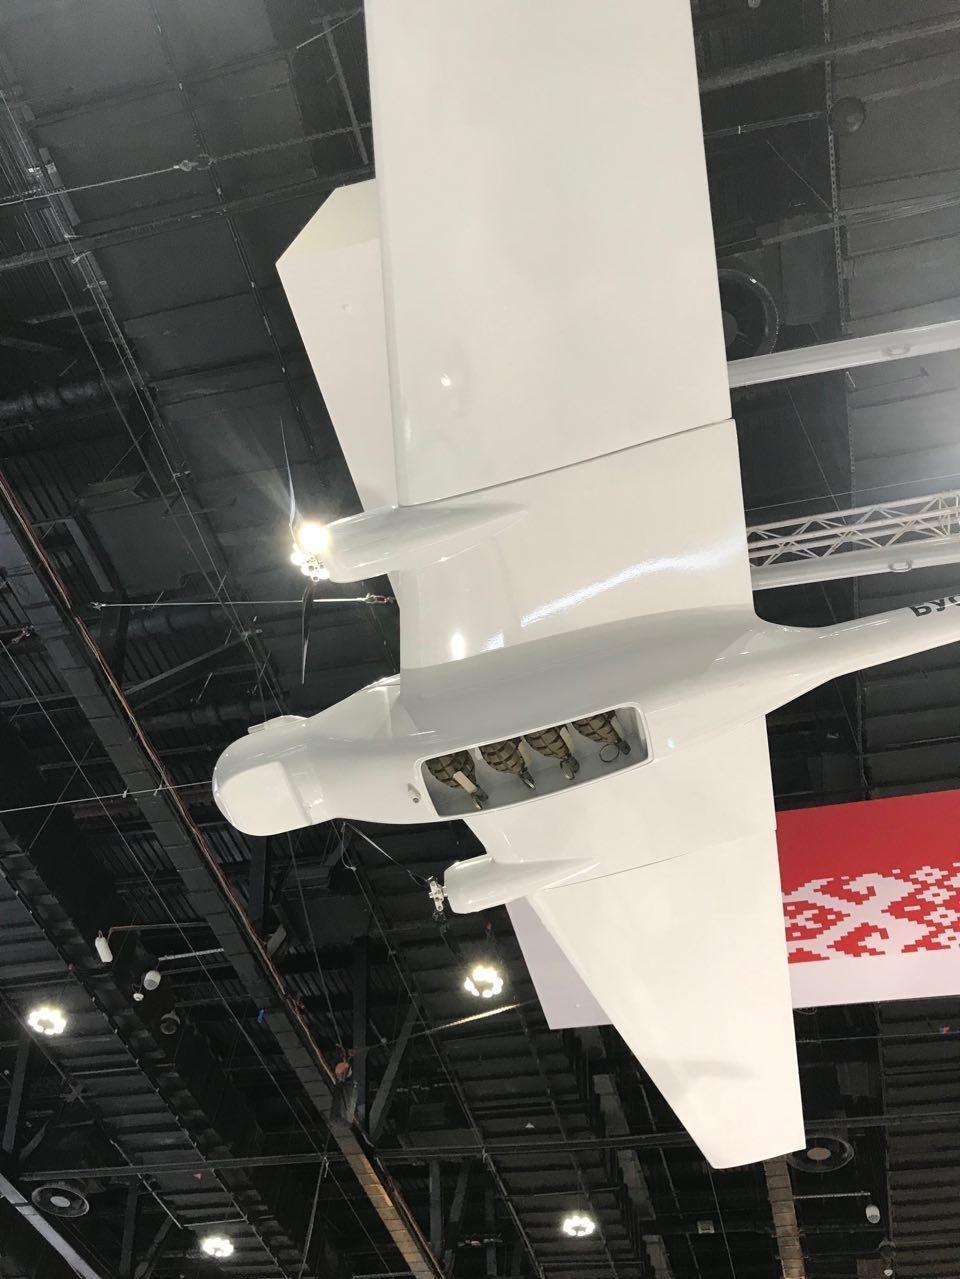 أكاديمية العلوم البيلاروسية تعرض الطائرة الانتحارية المسيرة بوسيل إم بي في آيديكس 2019 بالإمارات